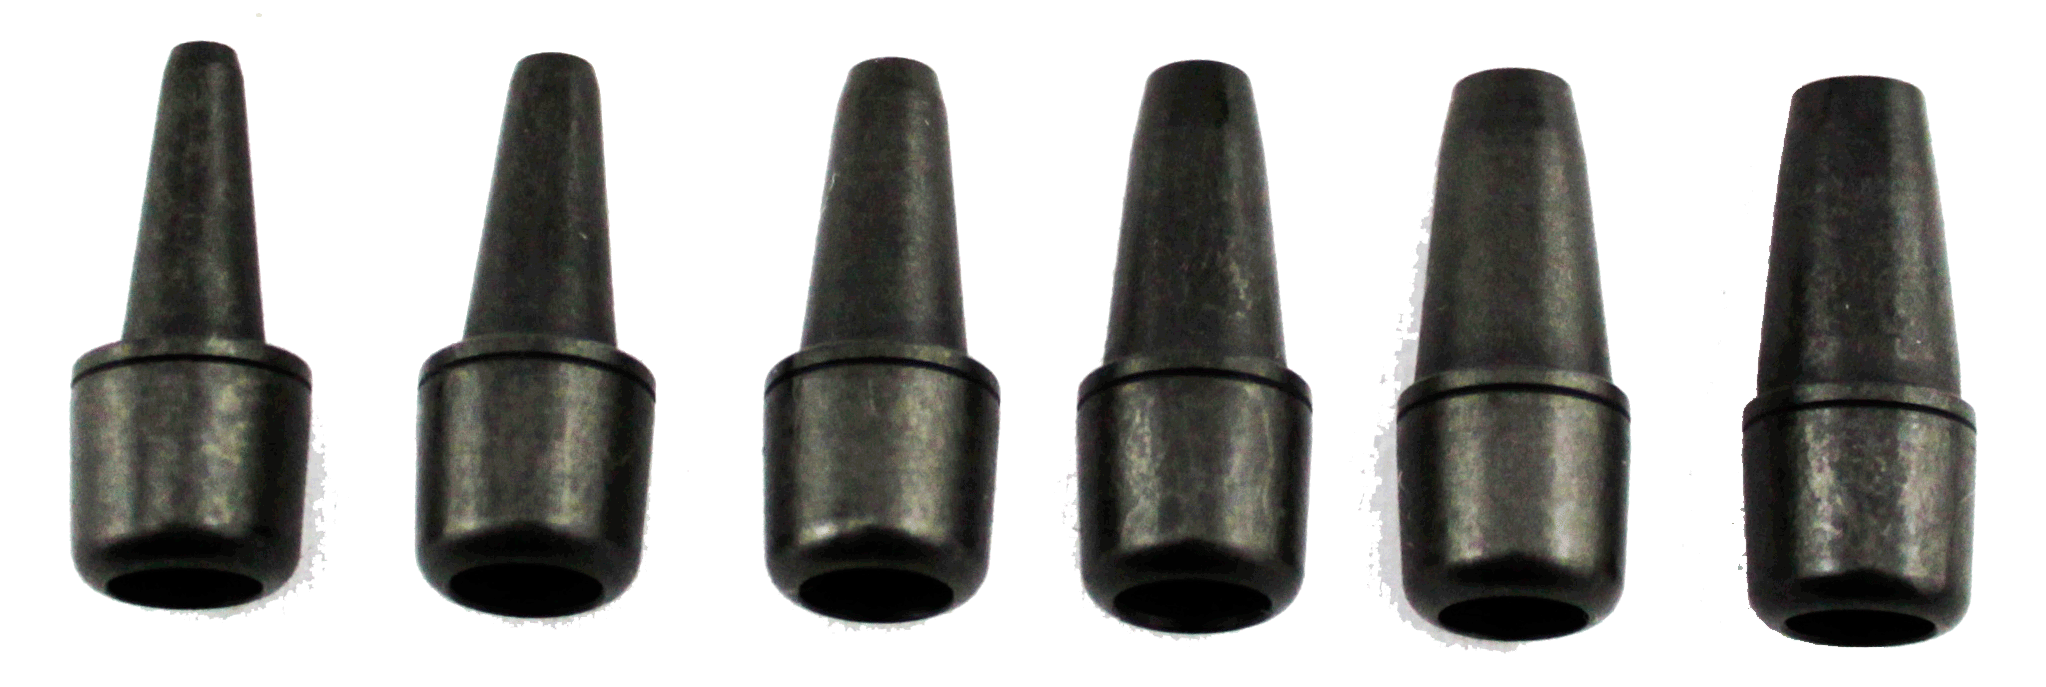 Løse piper til hulltang